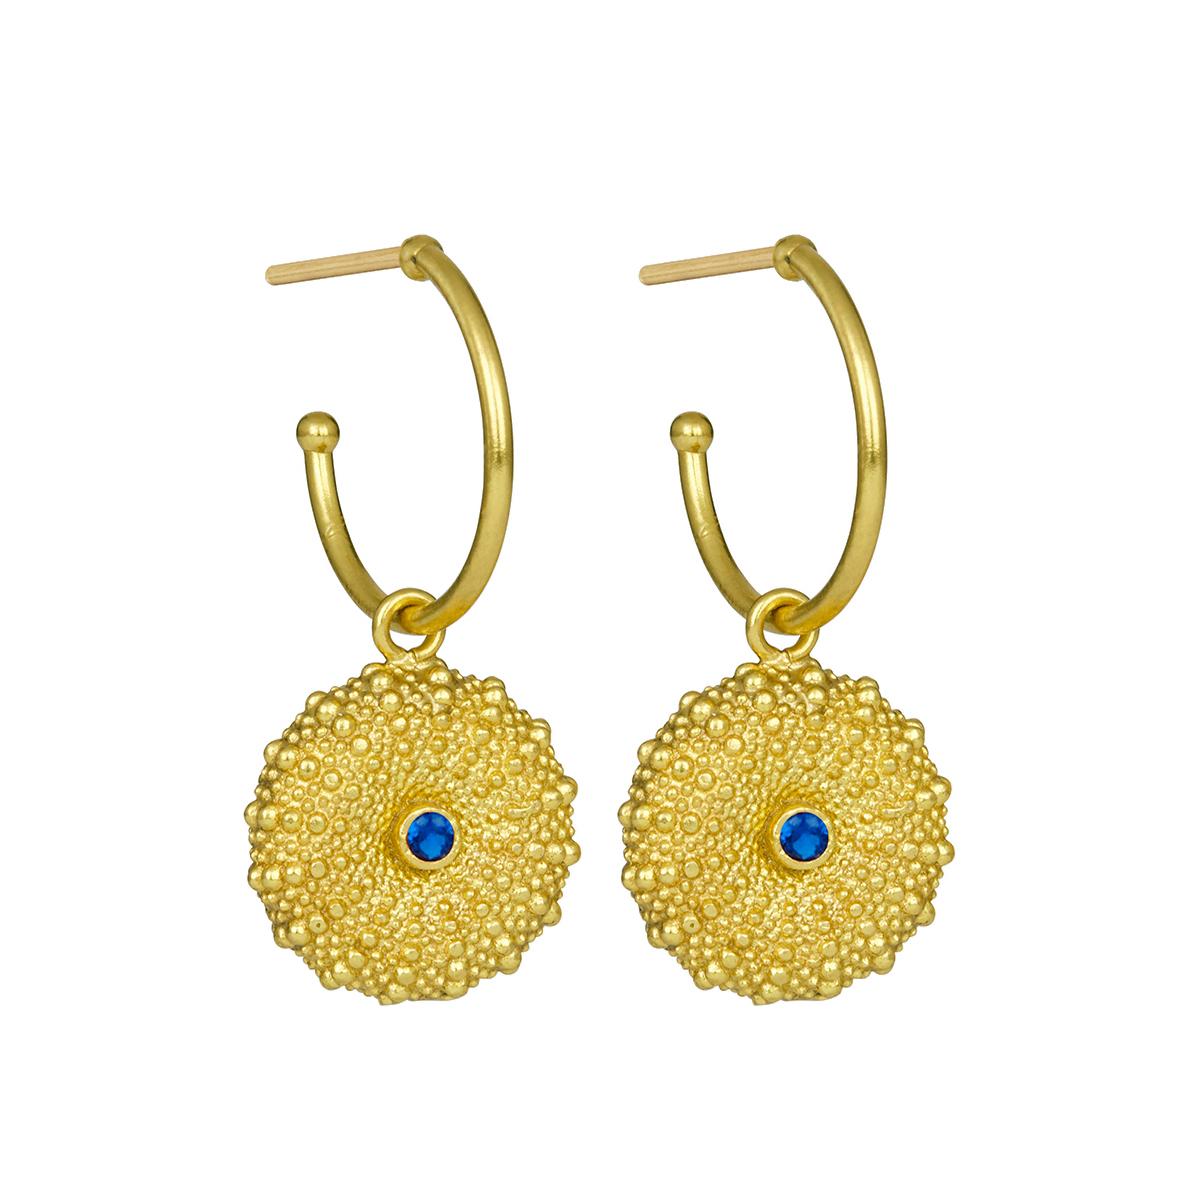 Dark blue zirconia disc stud earrings by Ottoman Hands